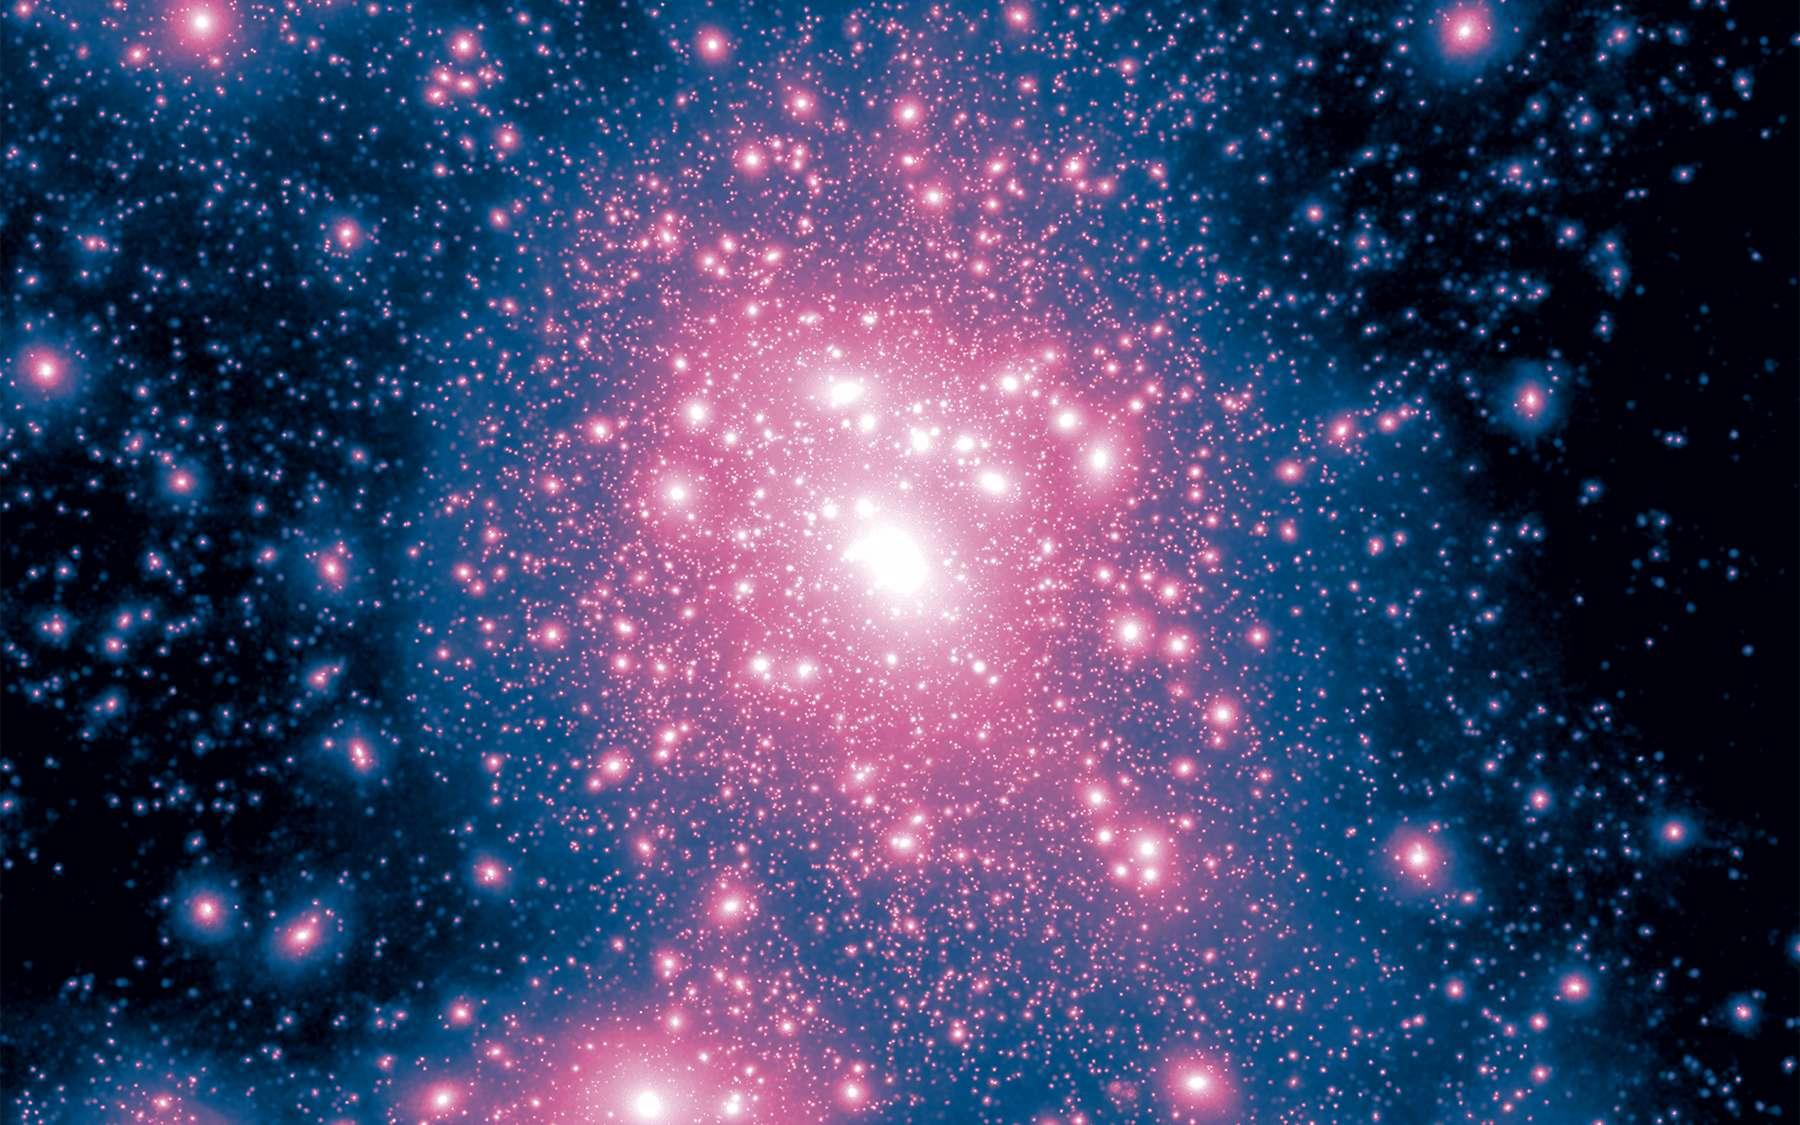 Deux chercheurs proposent un scénario pour expliquer la matière noire en se basant non seulement sur la physique des particules connue mais à partir d'une particule, un hexaquark. © Illustris Project